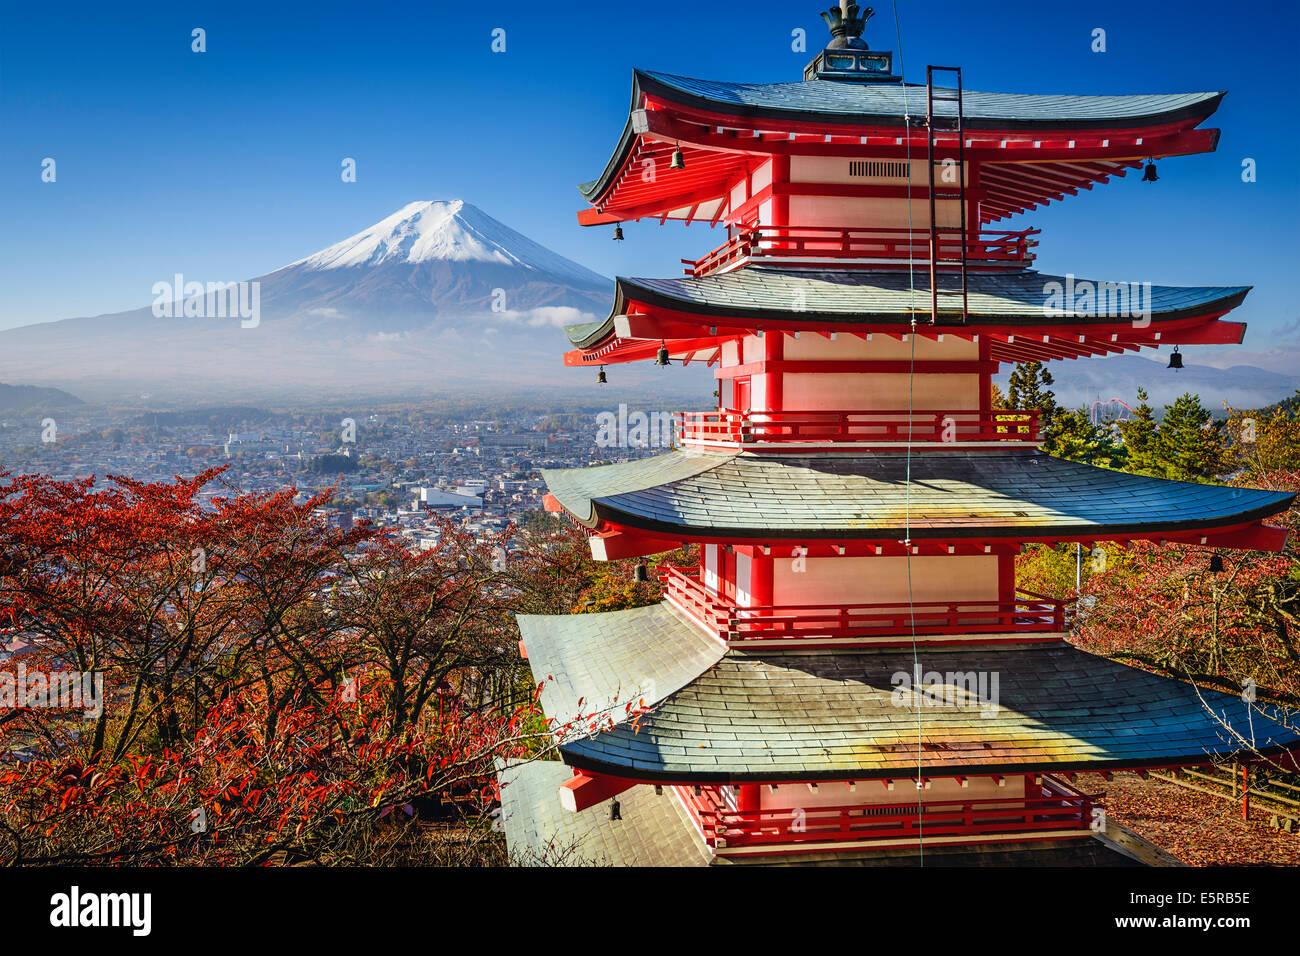 Mt. La Pagode Fuji et pendant la saison d'automne au Japon. Photo Stock